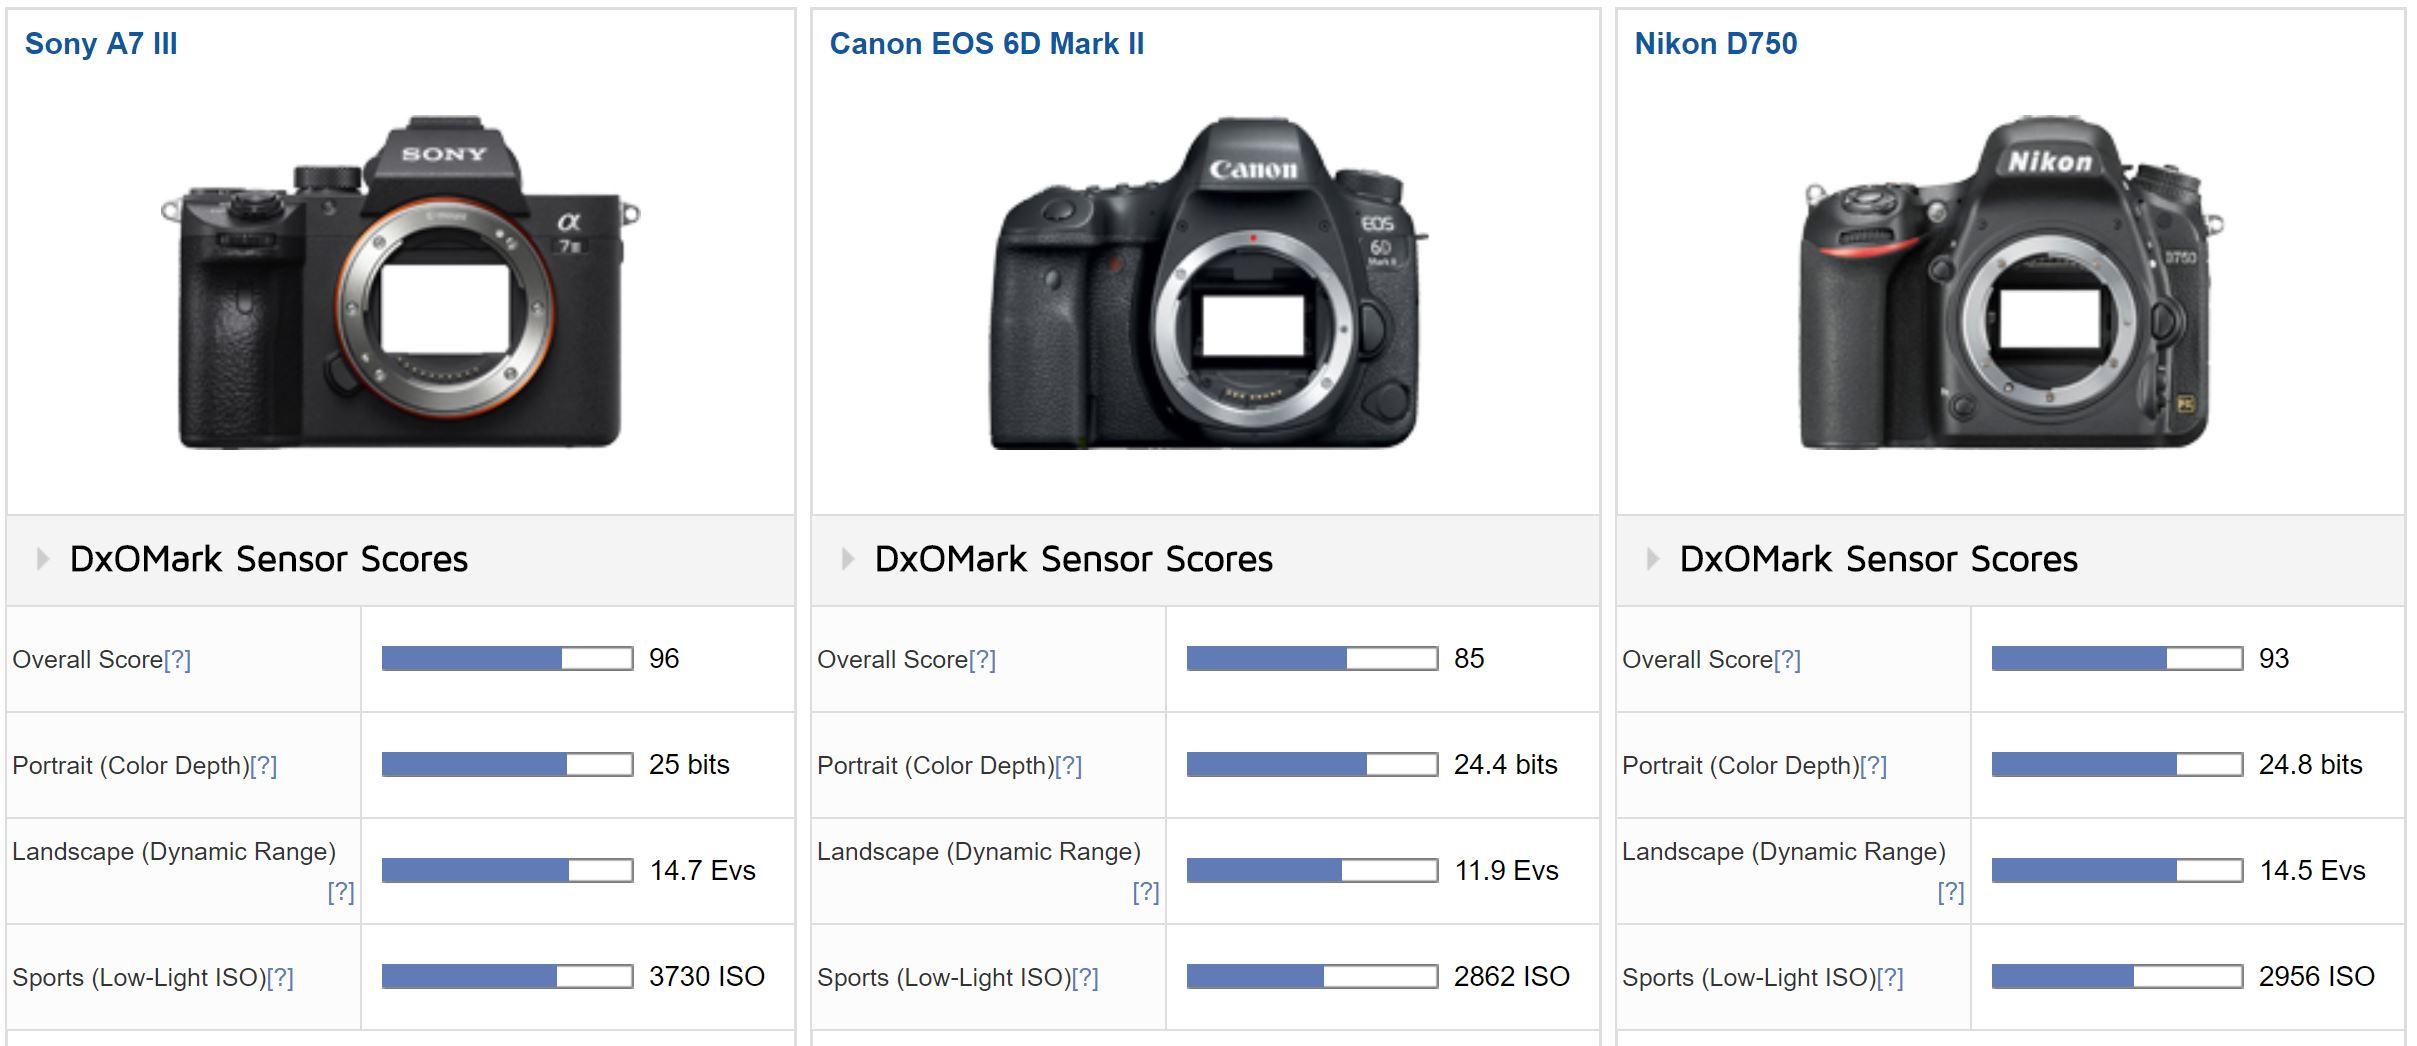 Sony a7 III DxOMark Tested